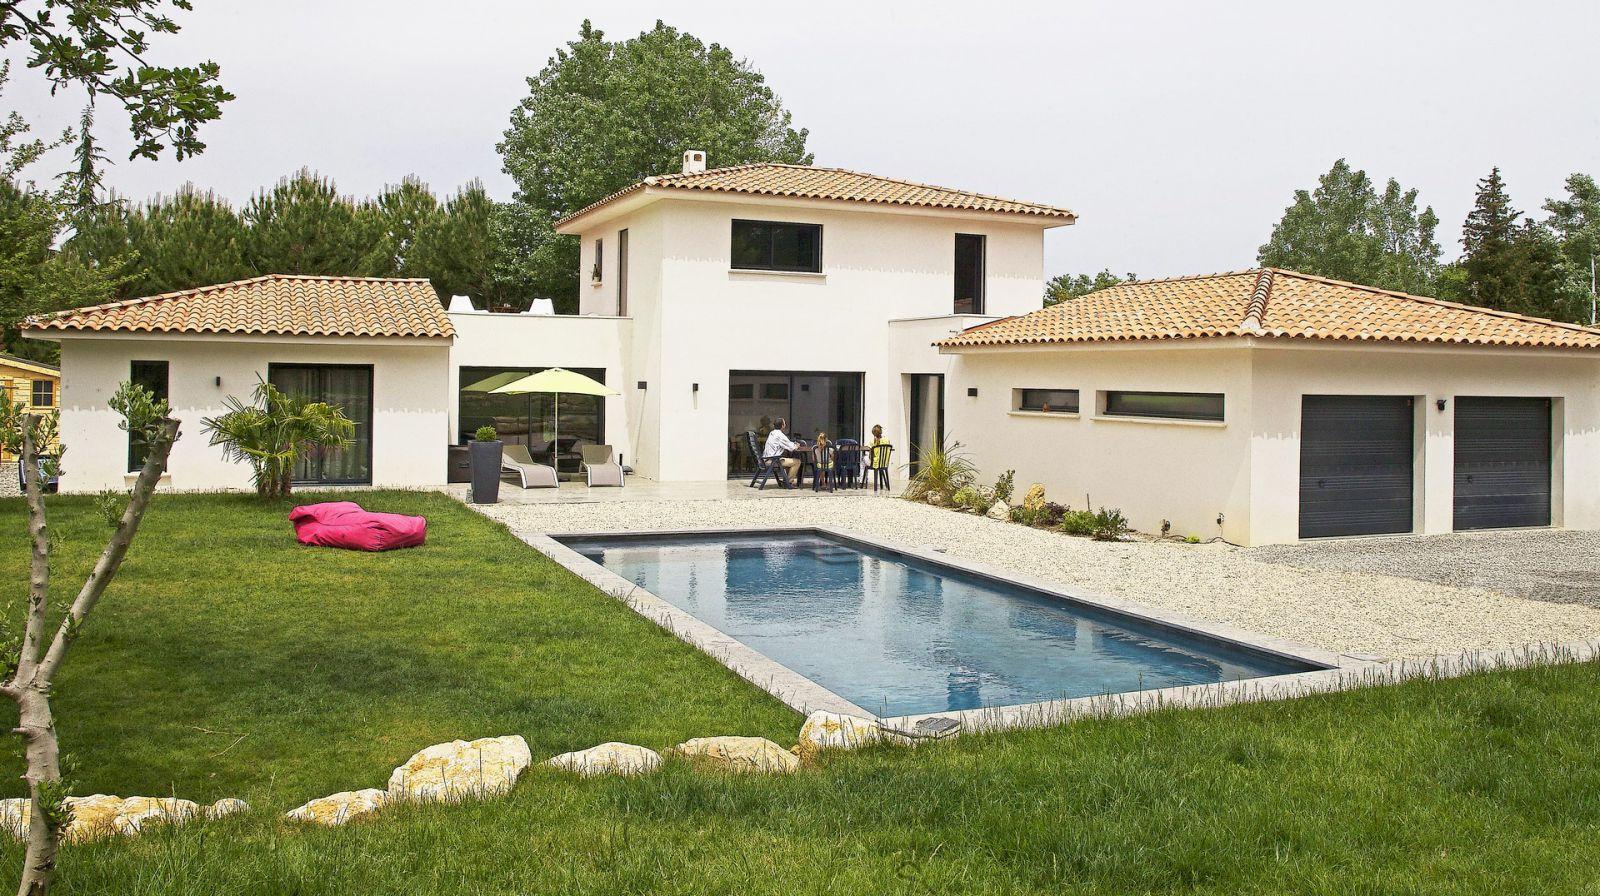 Grande maison contemporaine gr asque for Grande maison moderne